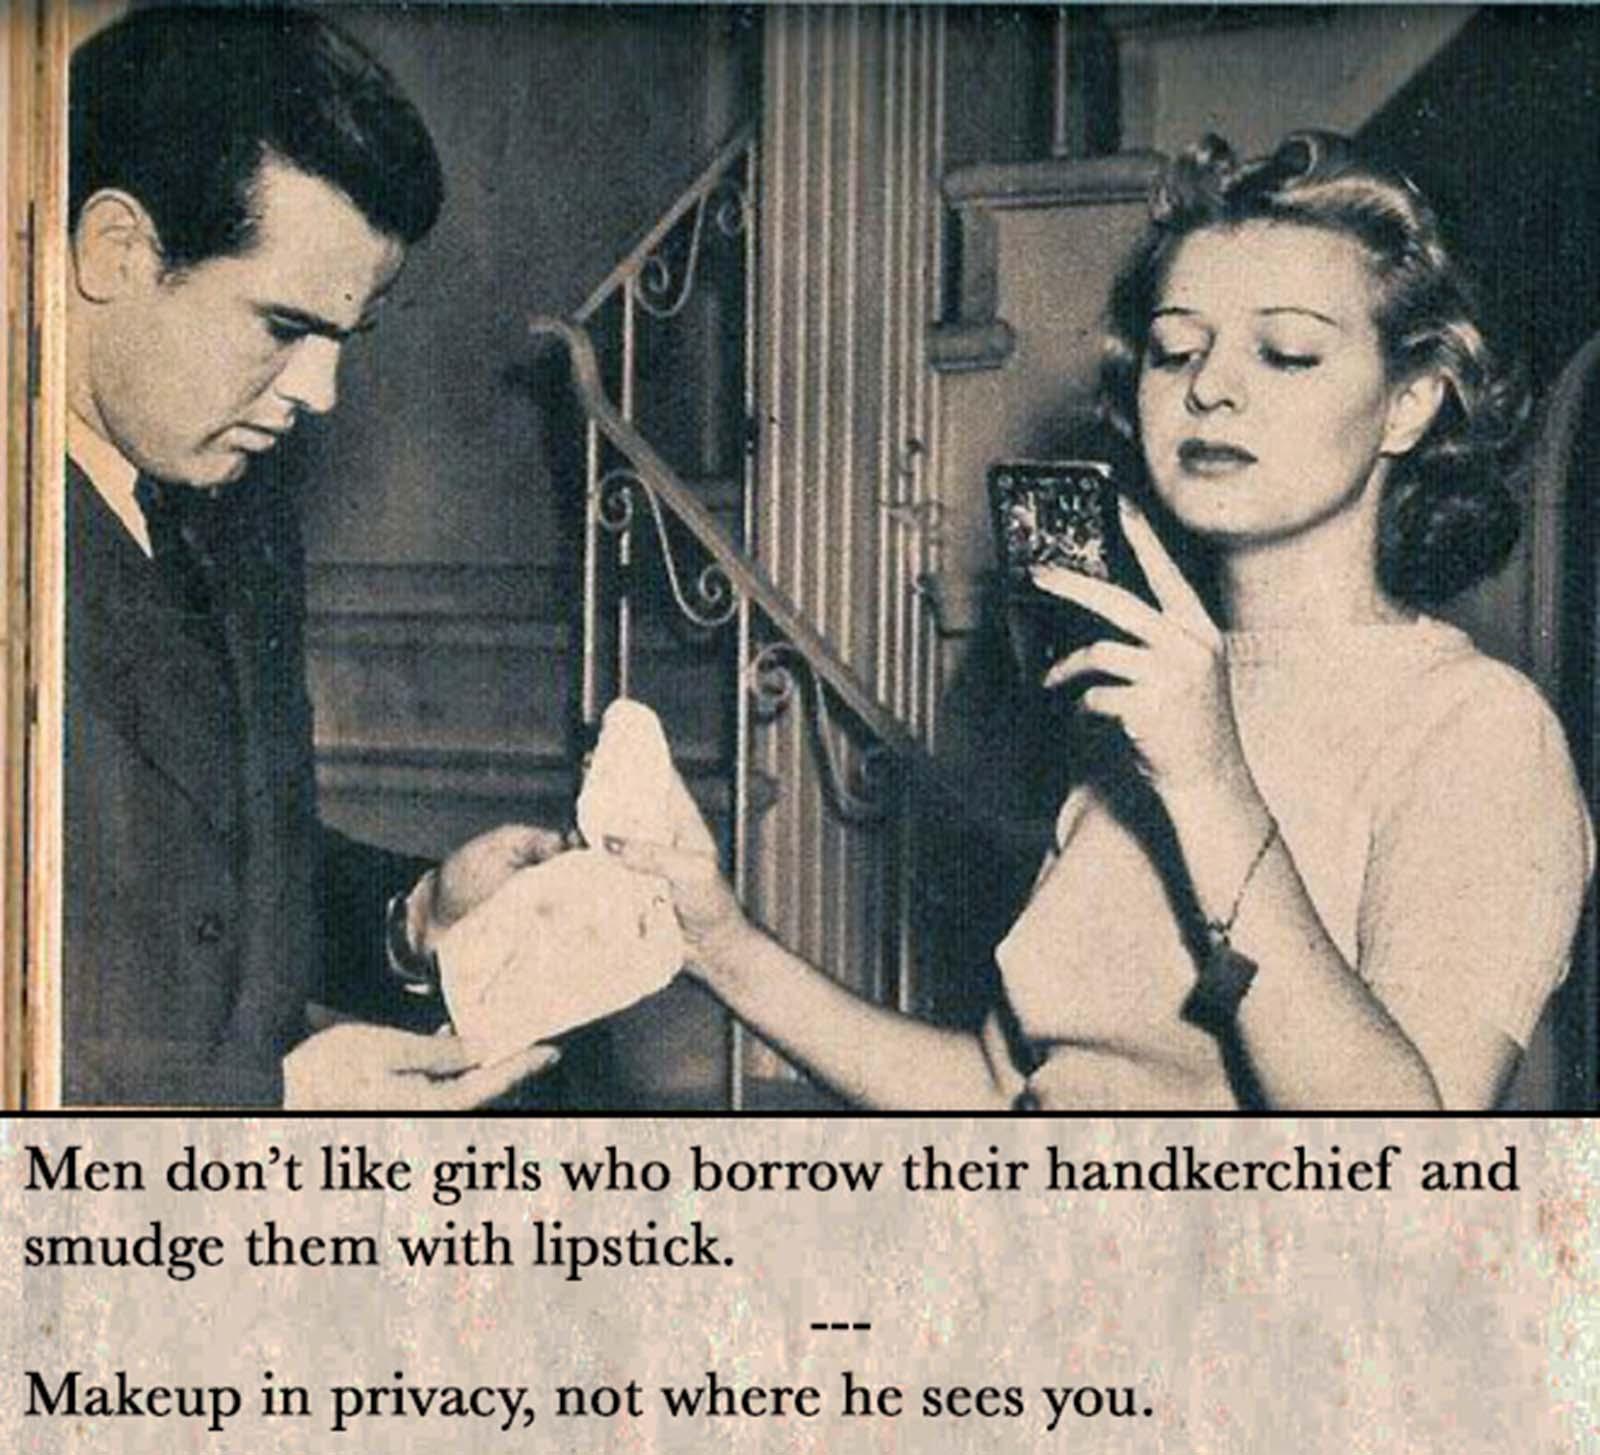 Consejos de citas antiguas para mujeres solteras, 1938